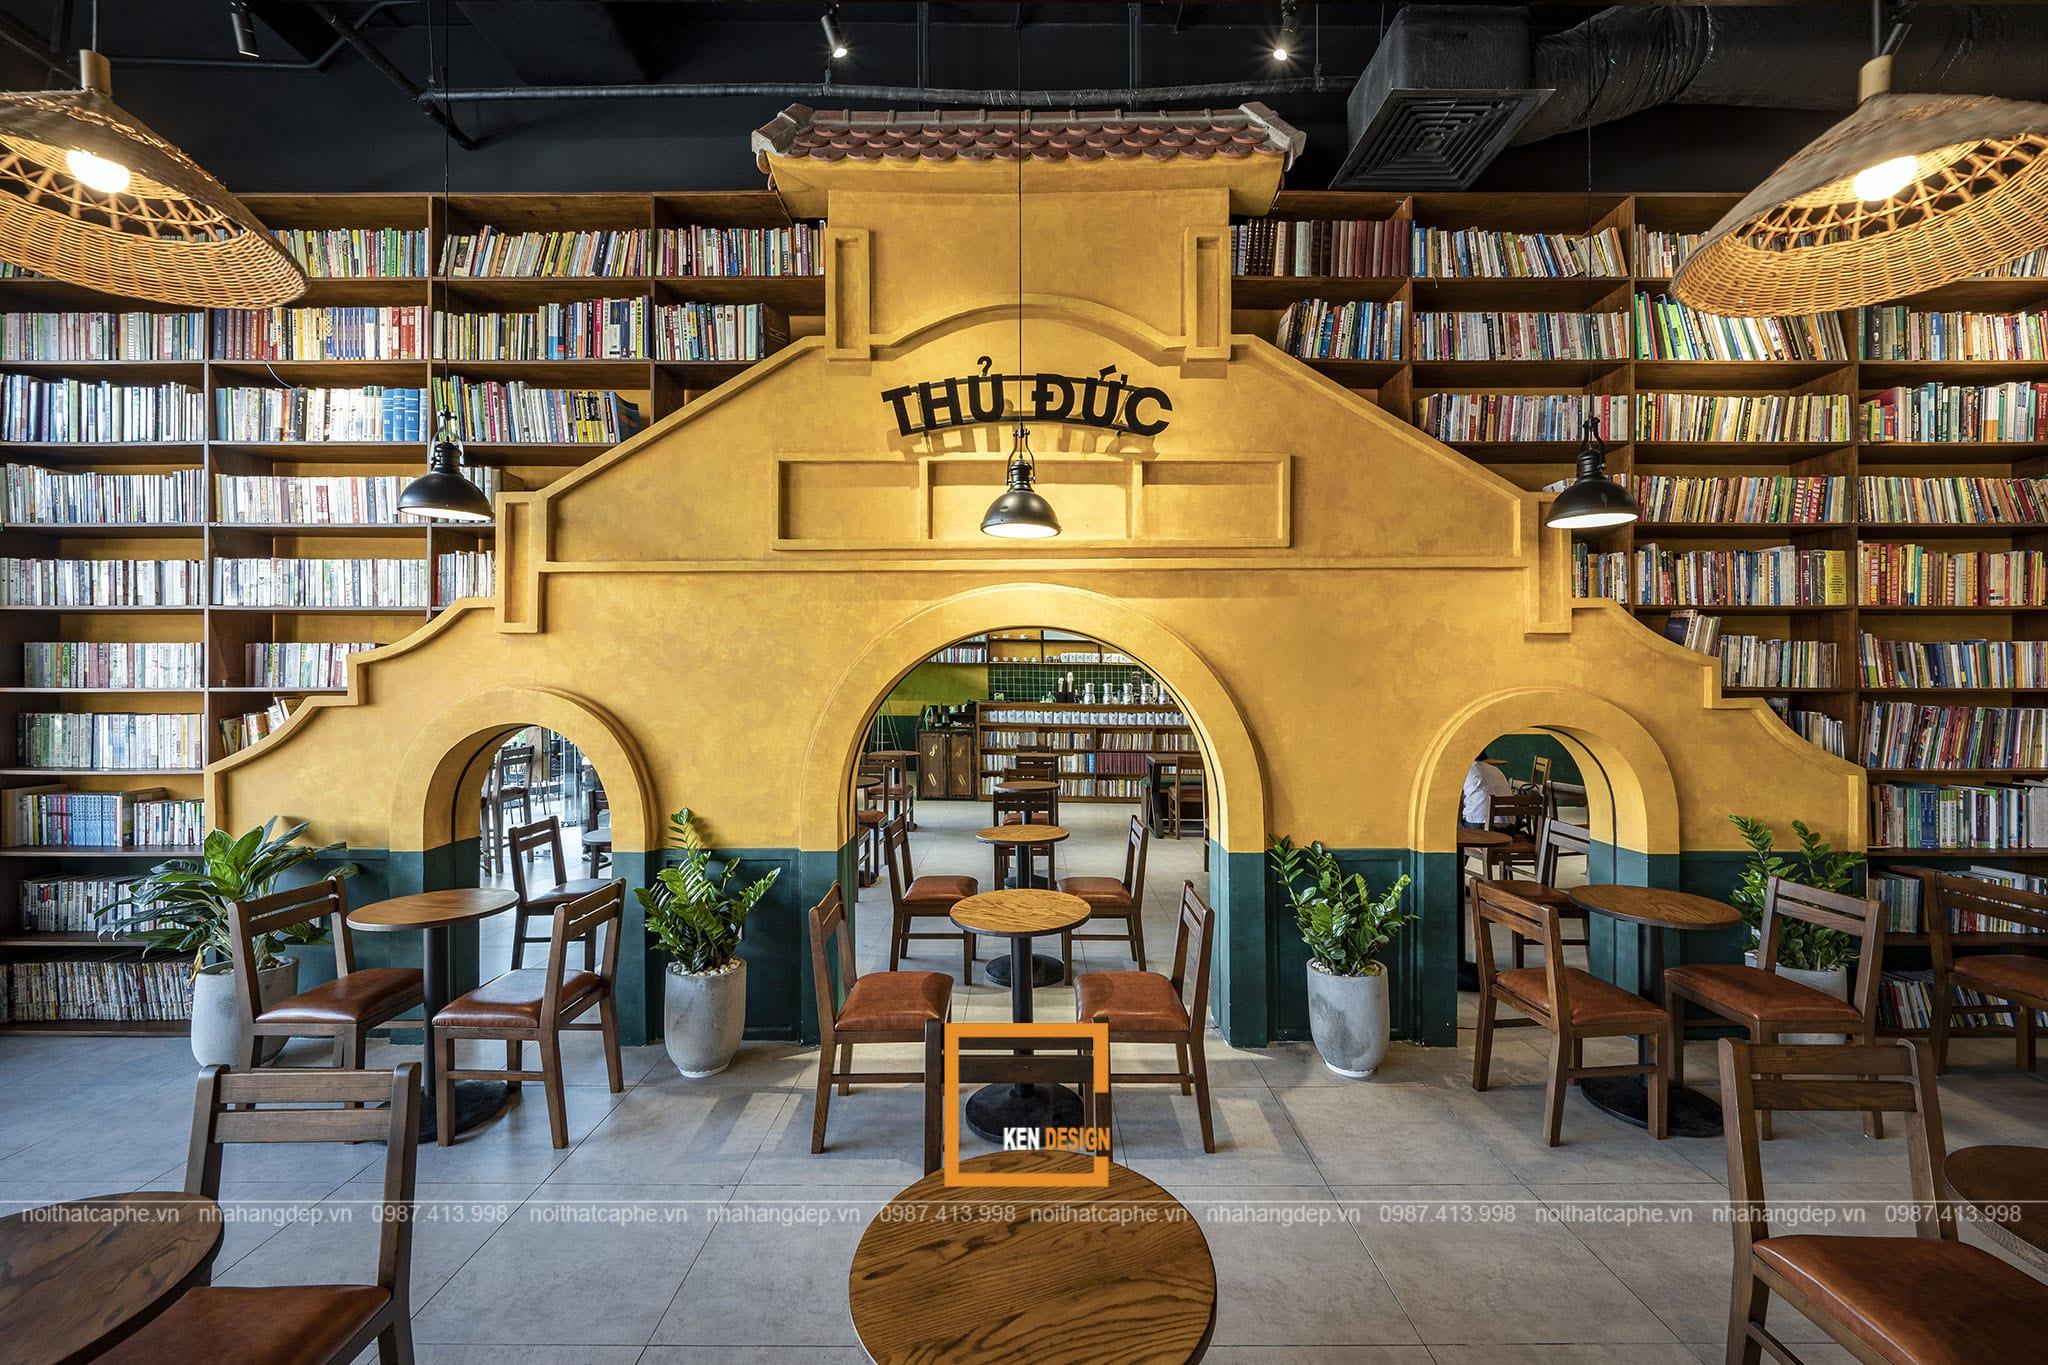 Dự án Buôn Cà phê tại Thủ Đức – Điểm nhấn không gian giữa lòng Sài Gòn